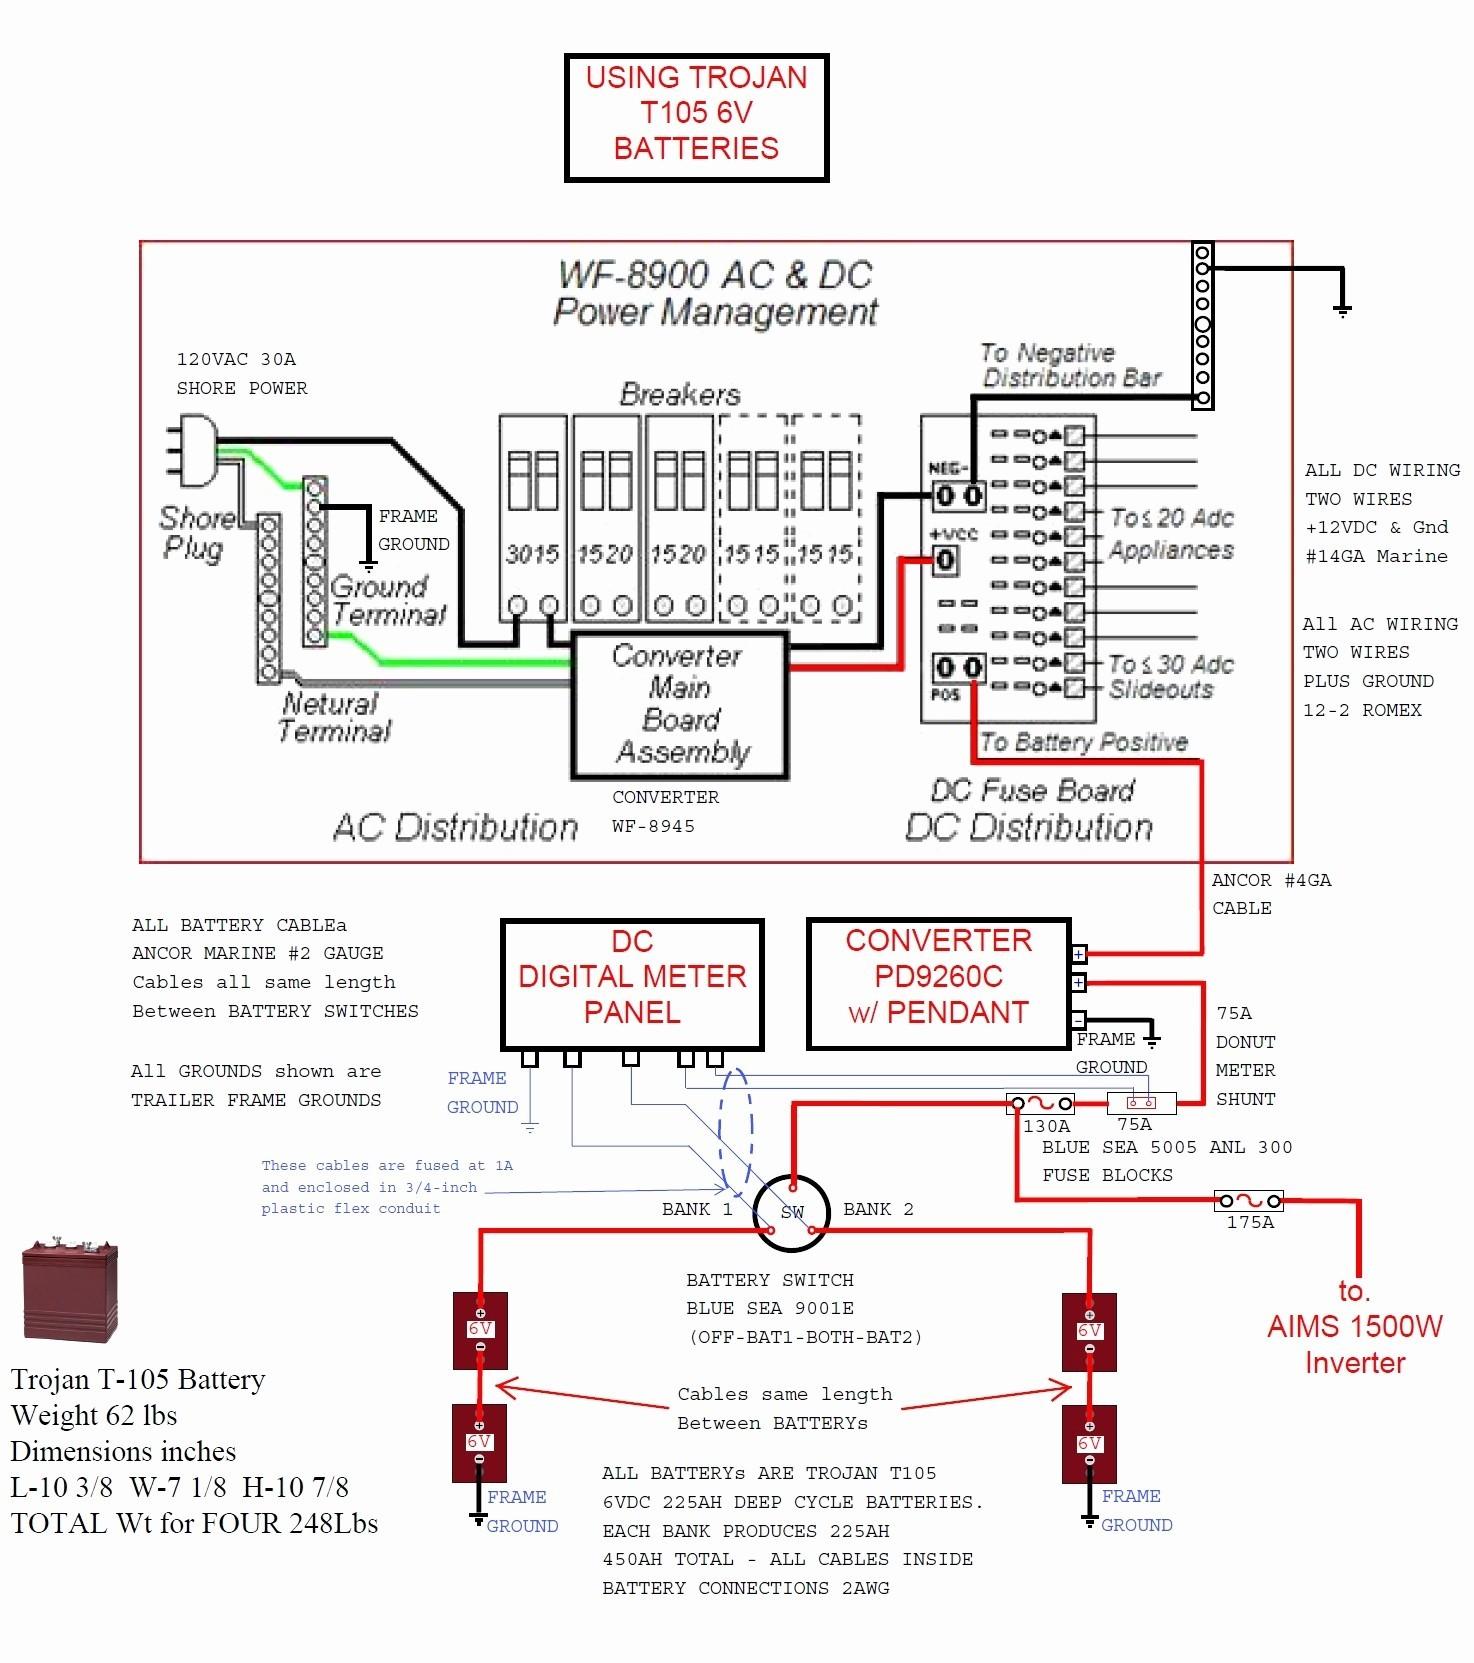 Keystone Rv Floor Plans Elegant Keystone Rv Floor Plans Unique Keystone Rv Wiring Diagram with